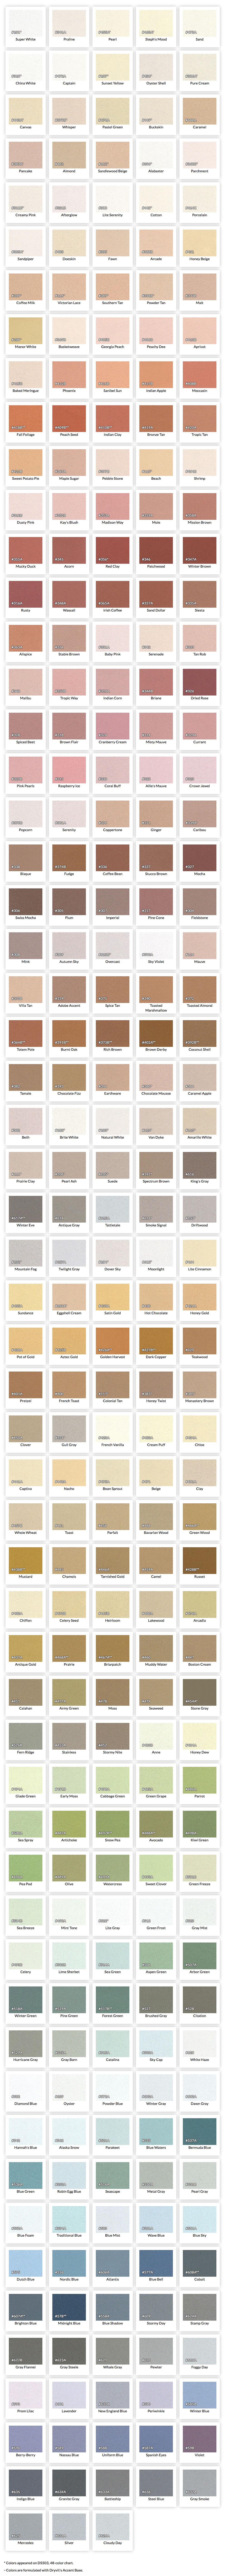 Dryvit - couleurs d'acrylique pour bâtiment - Les plus populaires